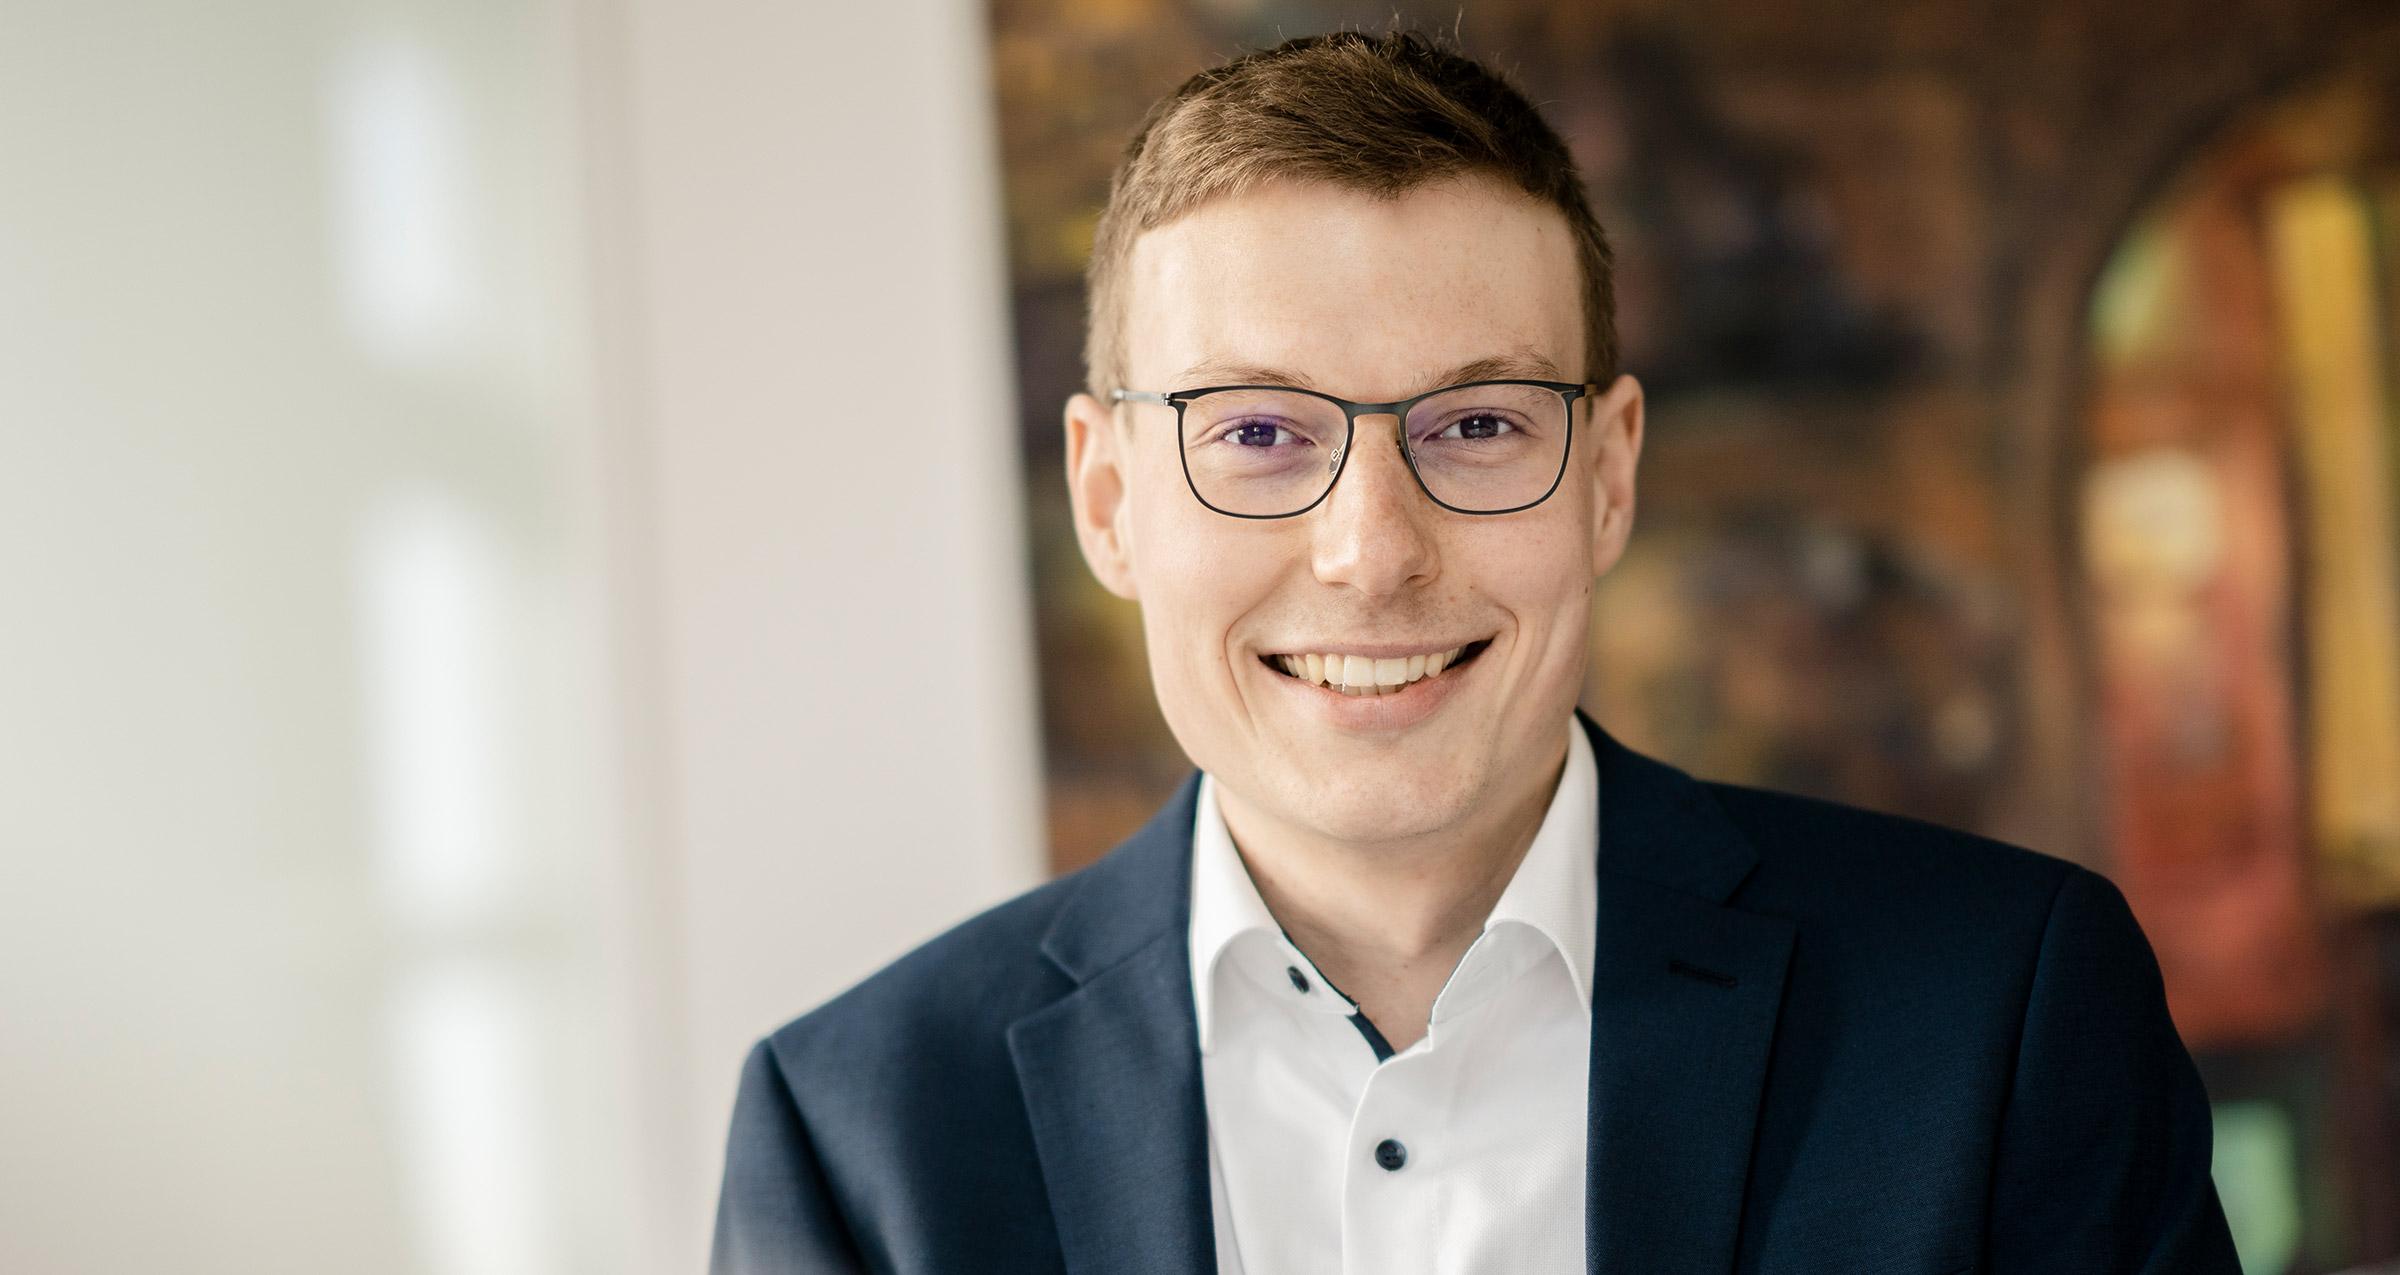 Jasper Wode von WAGNER LEGAL, Hamburg, Rechtsanwaltskanzlei und Fachanwalt für Kartellrecht, EU-Recht, Compliance-Management, Fusionskontrolle uvm.